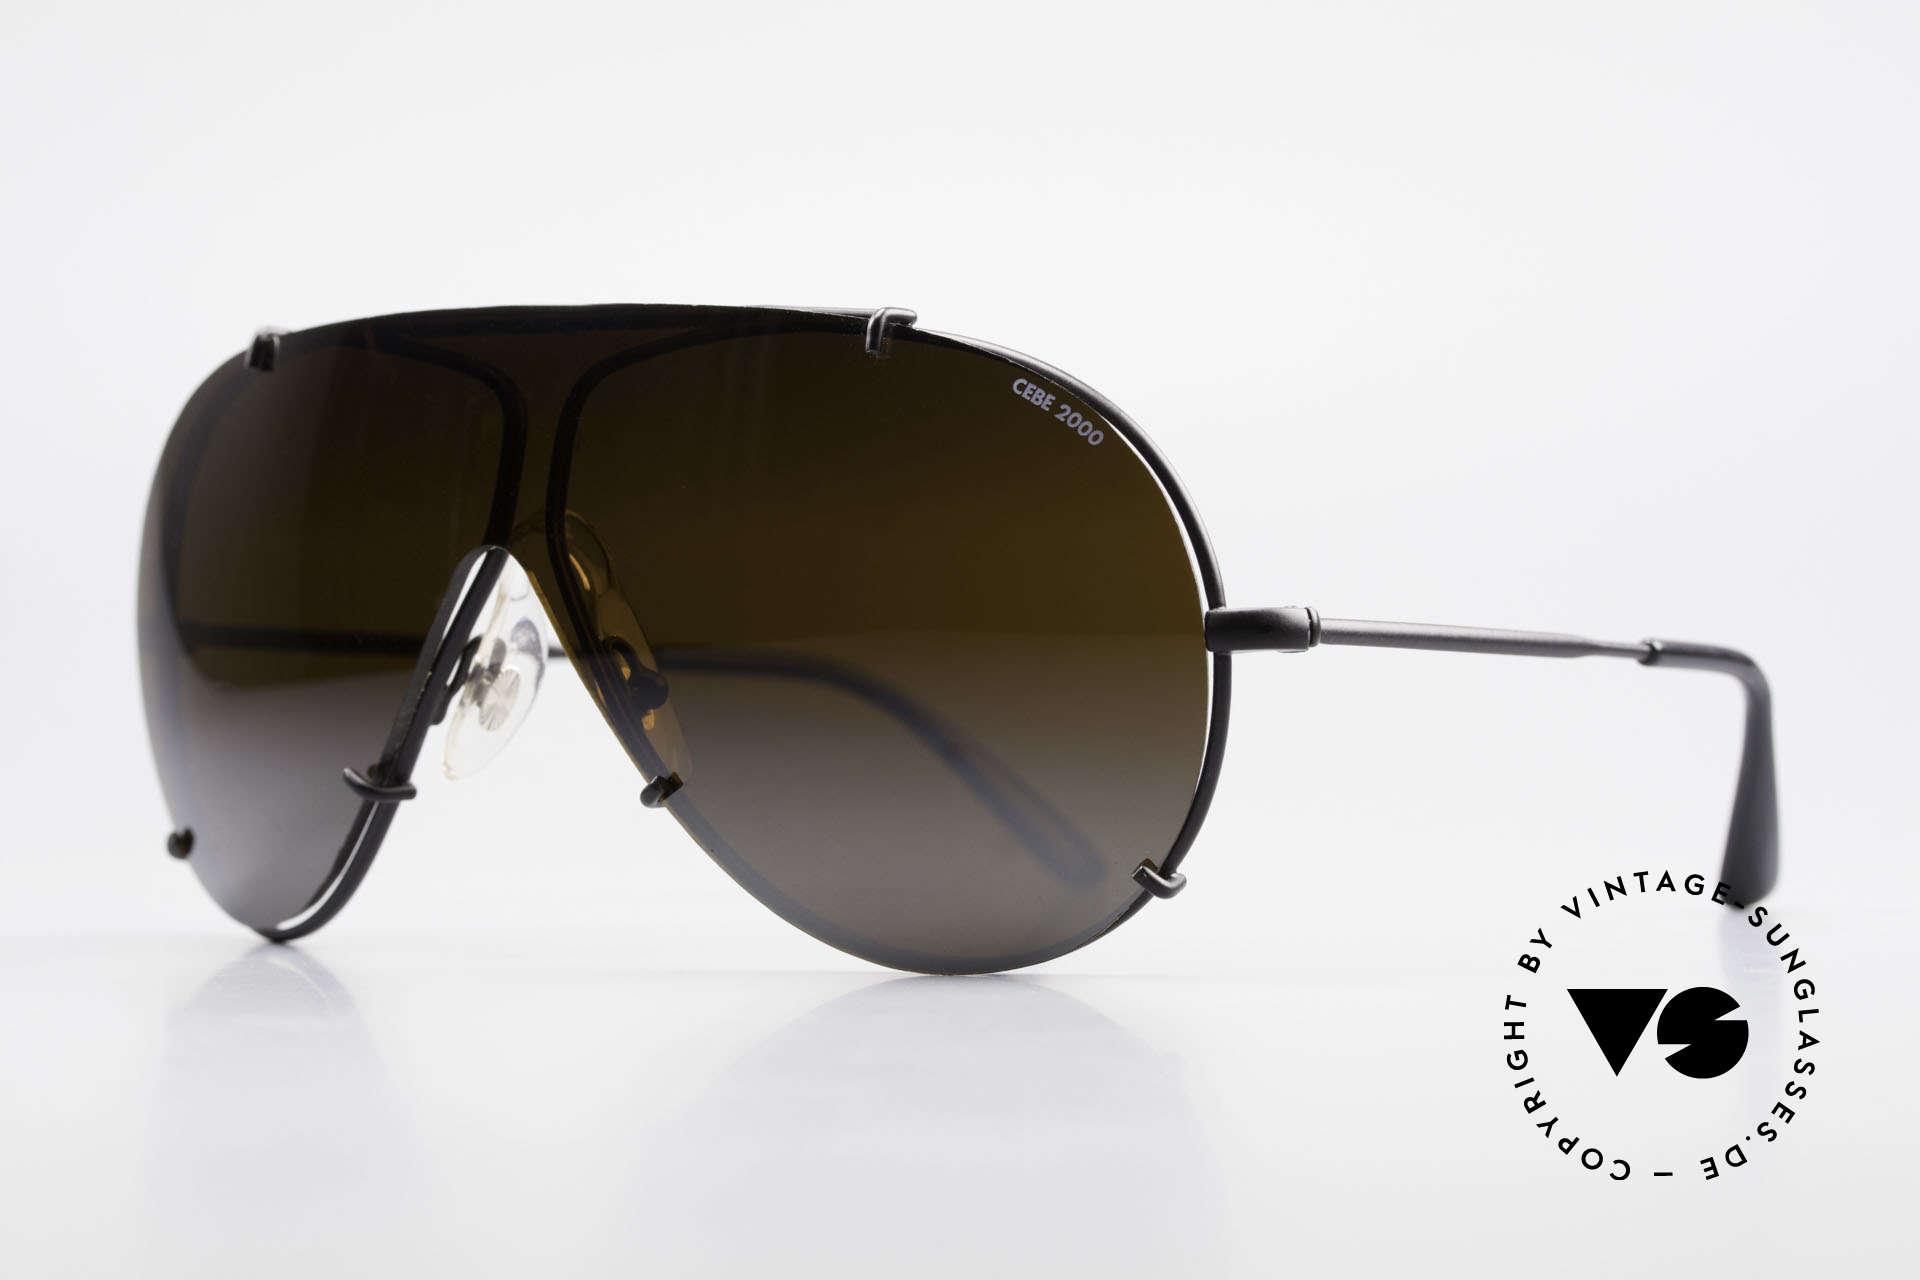 Cebe 2000 Vintage Rallye Sportbrille, verspiegelter Sonnenschutz; gemacht für intensive Sonne, Passend für Herren